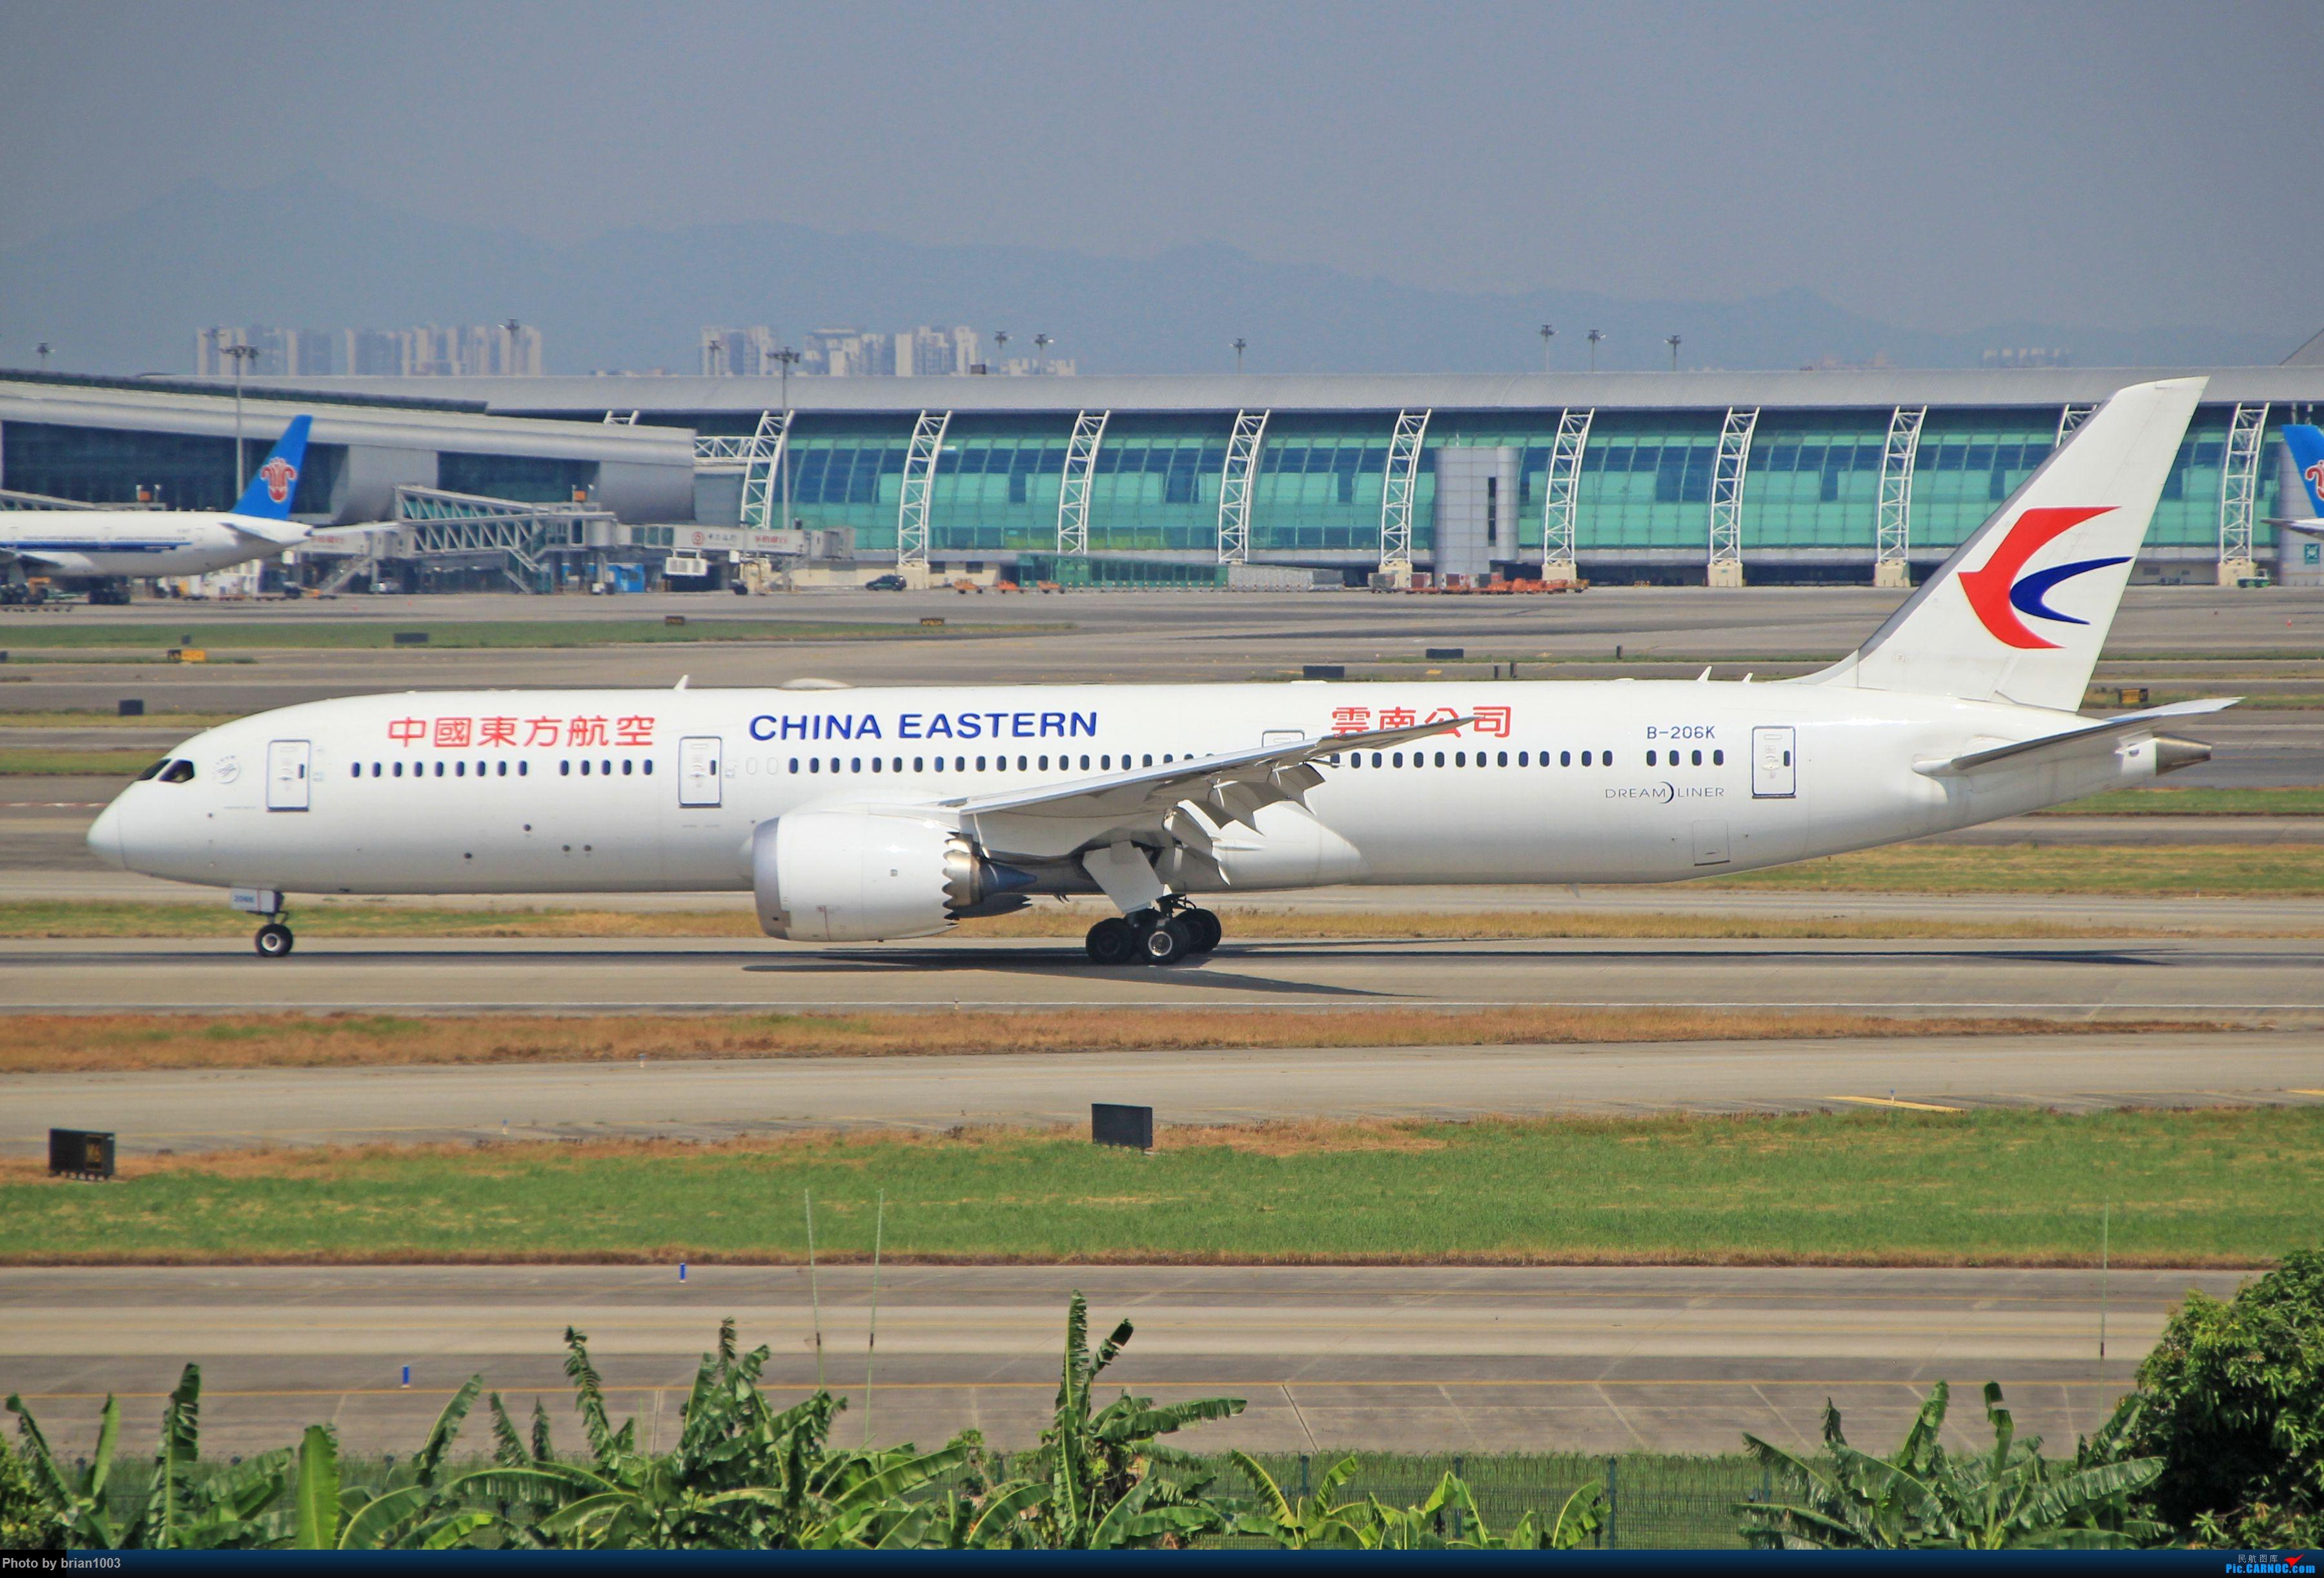 """Re:[原创]千里赴""""粤""""来拍机 BOEING 787-9 B-206K 中国广州白云国际机场"""